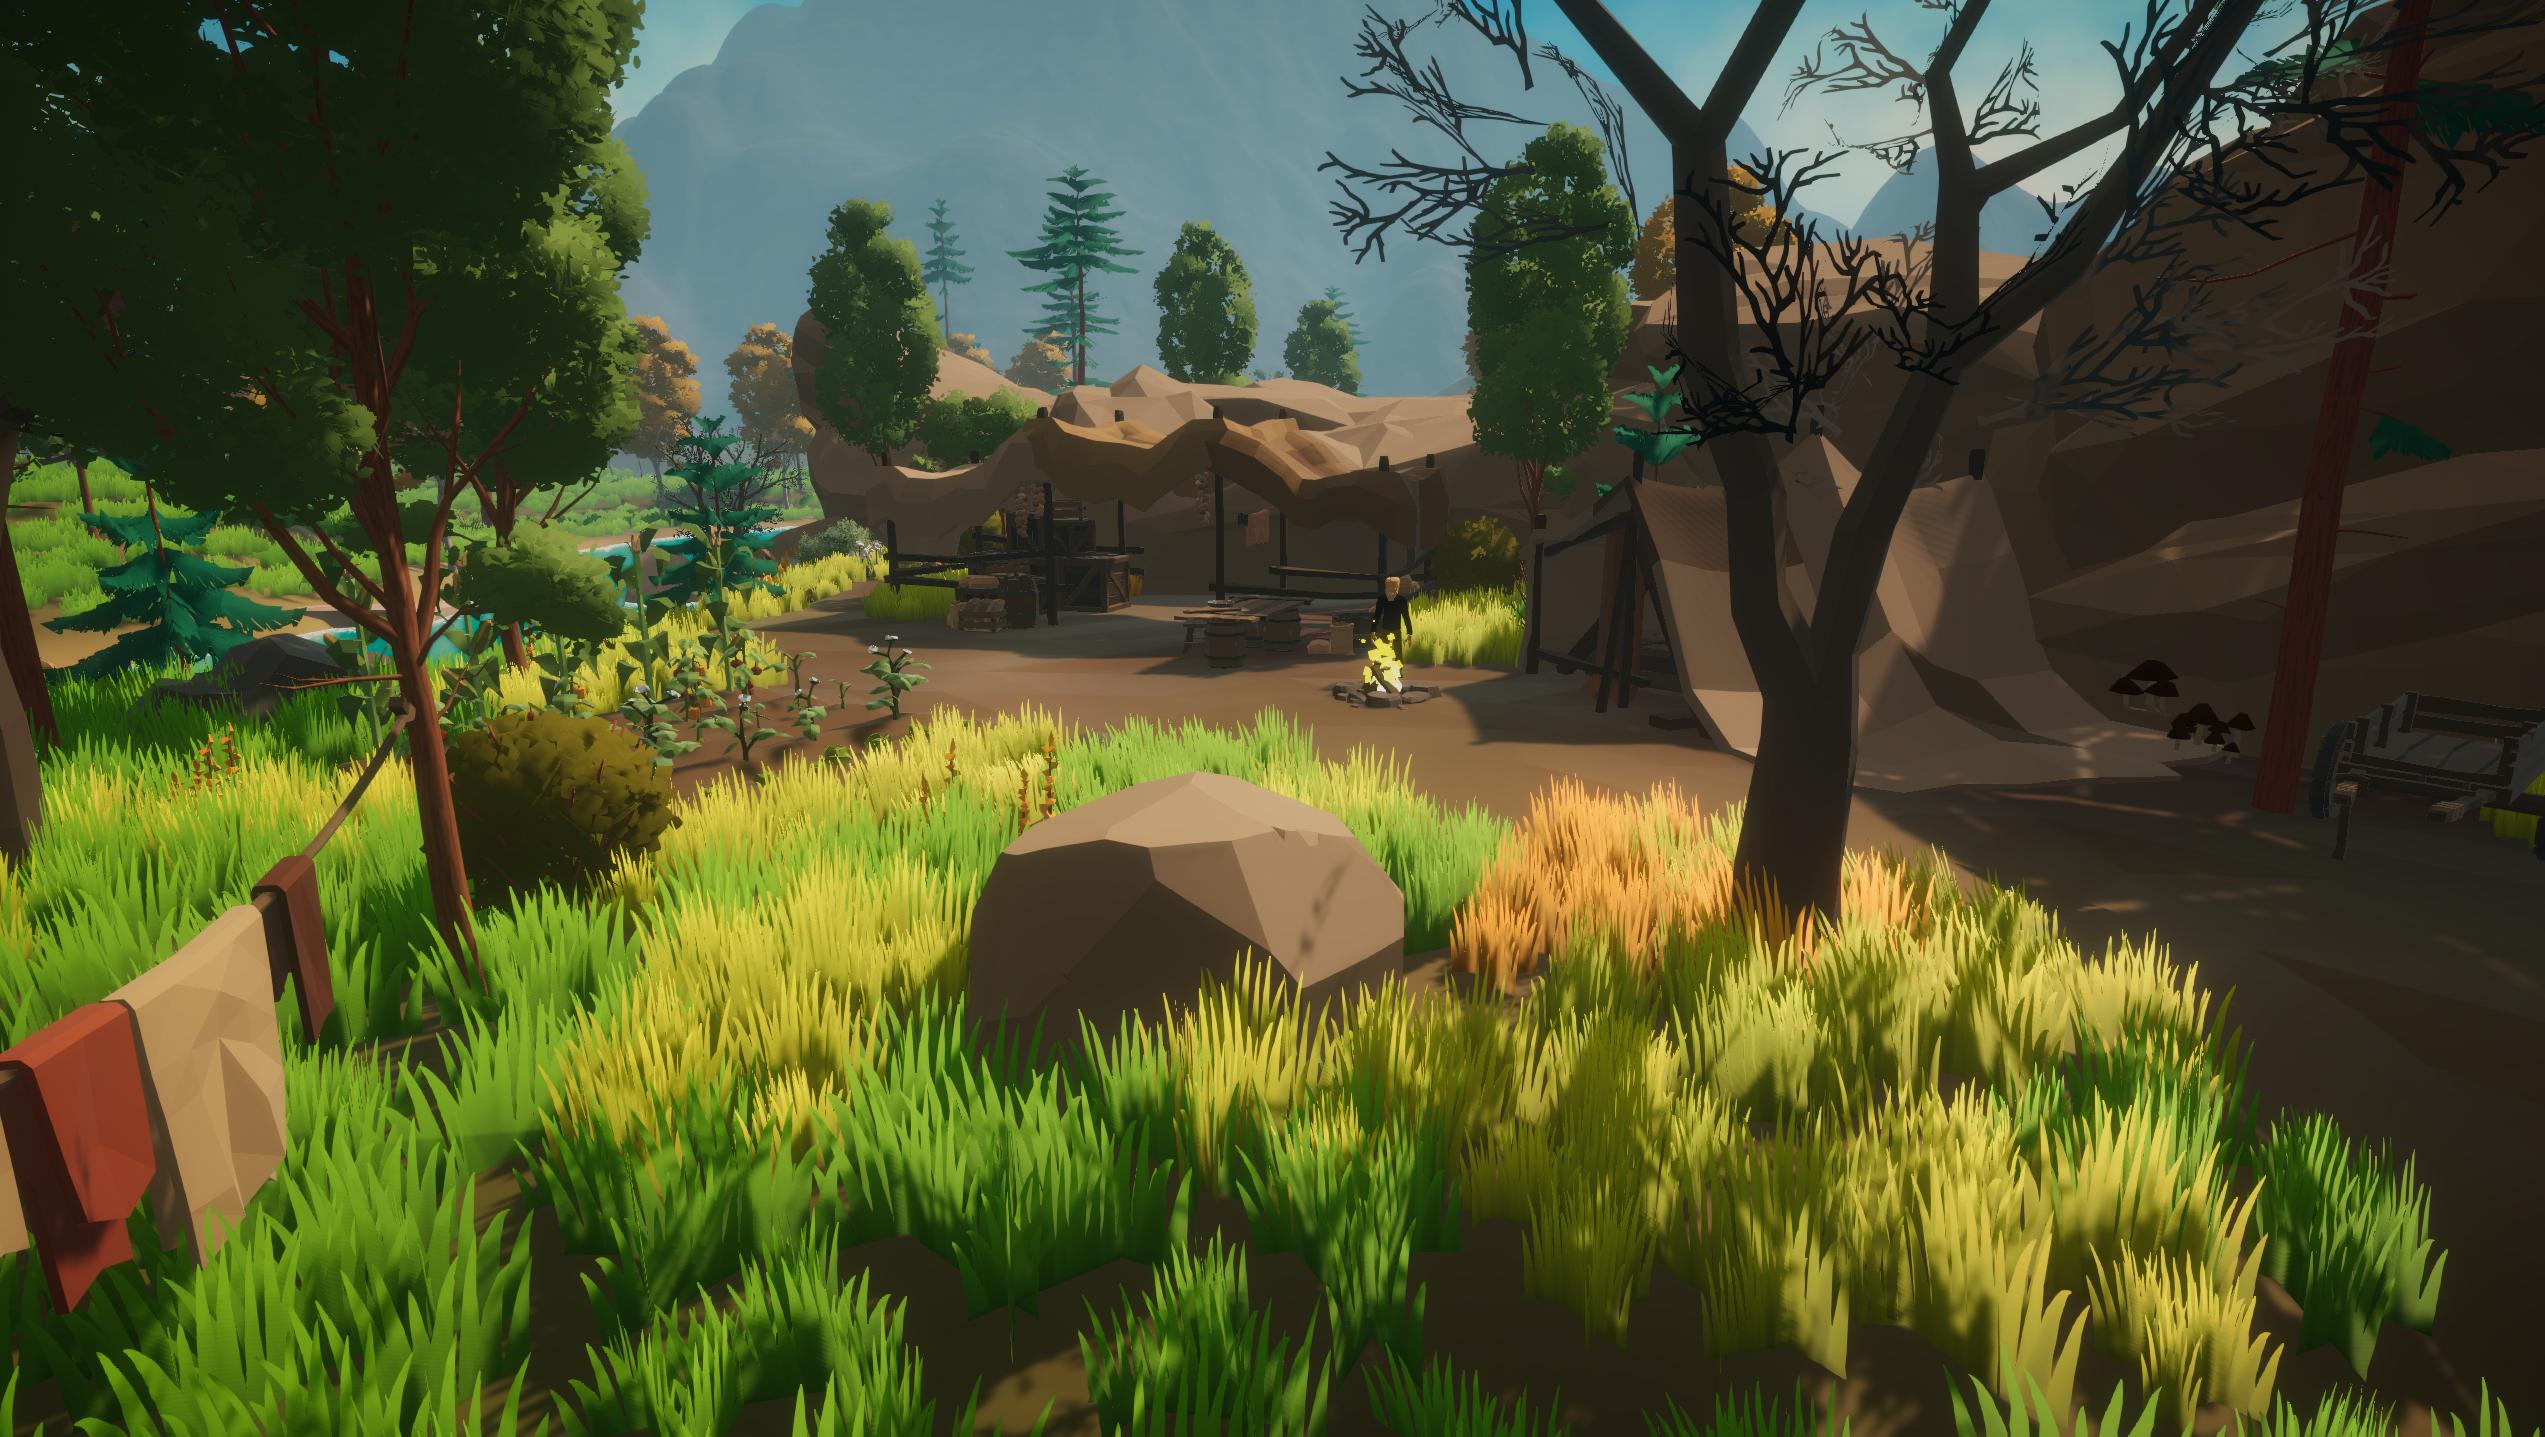 TitanReach Moves Into Private Development